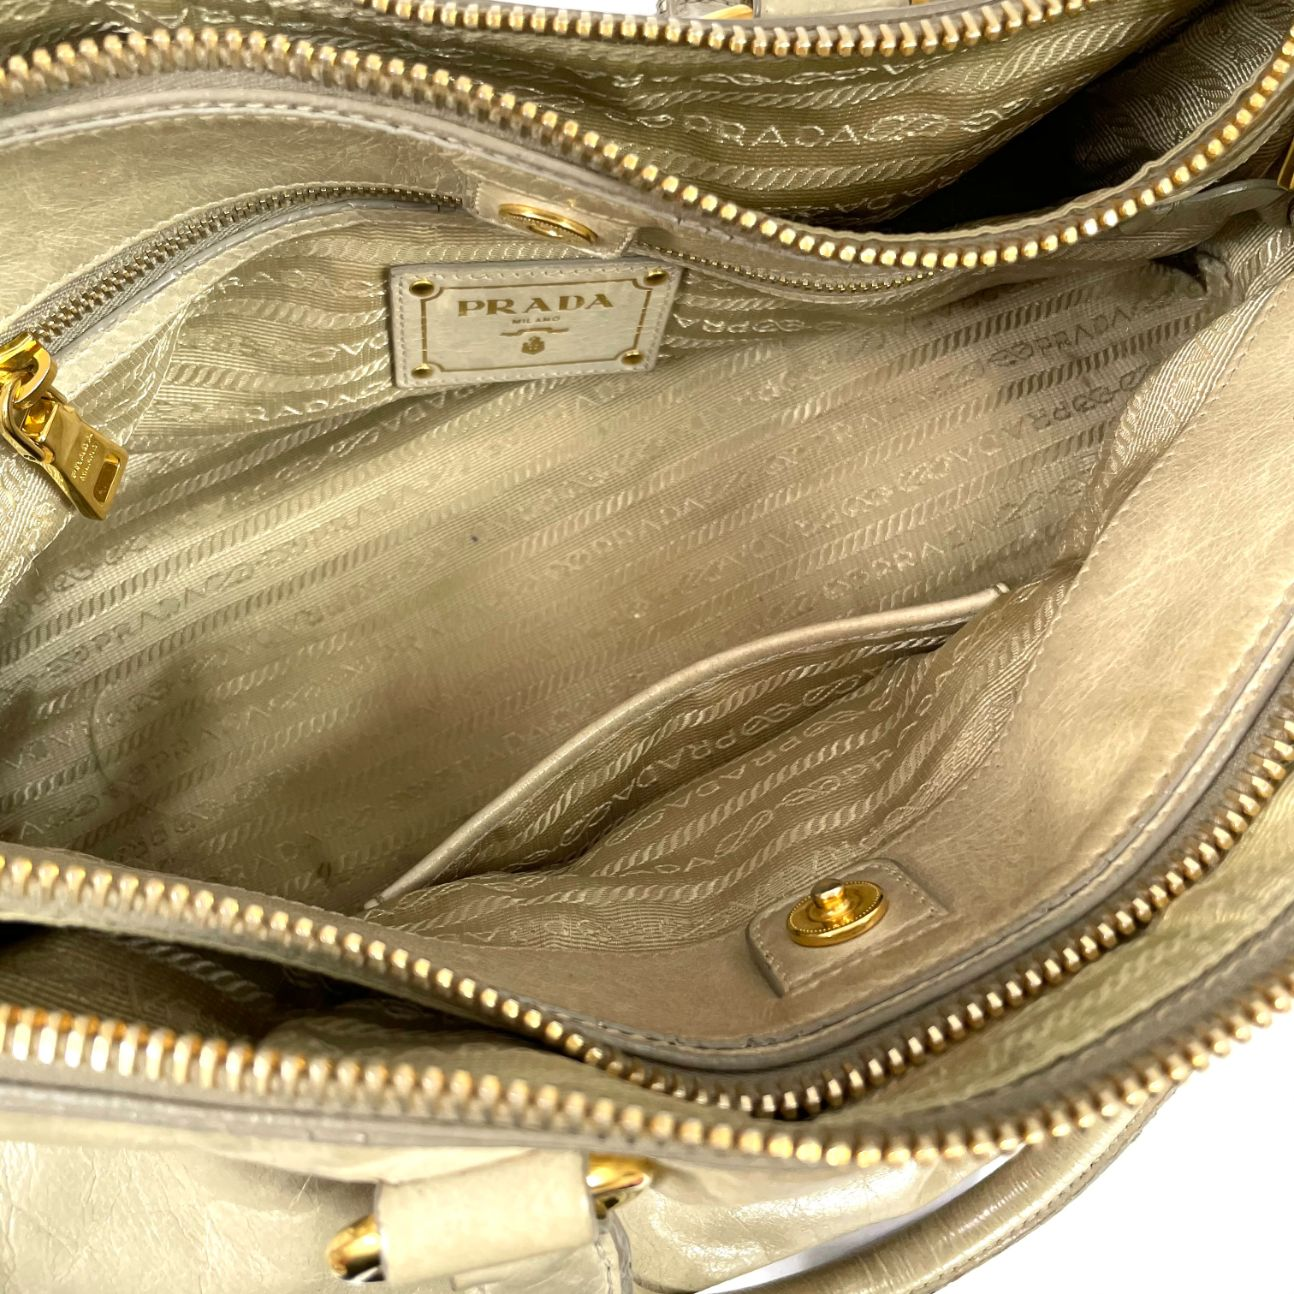 Bolsa Prada Vittelo Antik Marfim